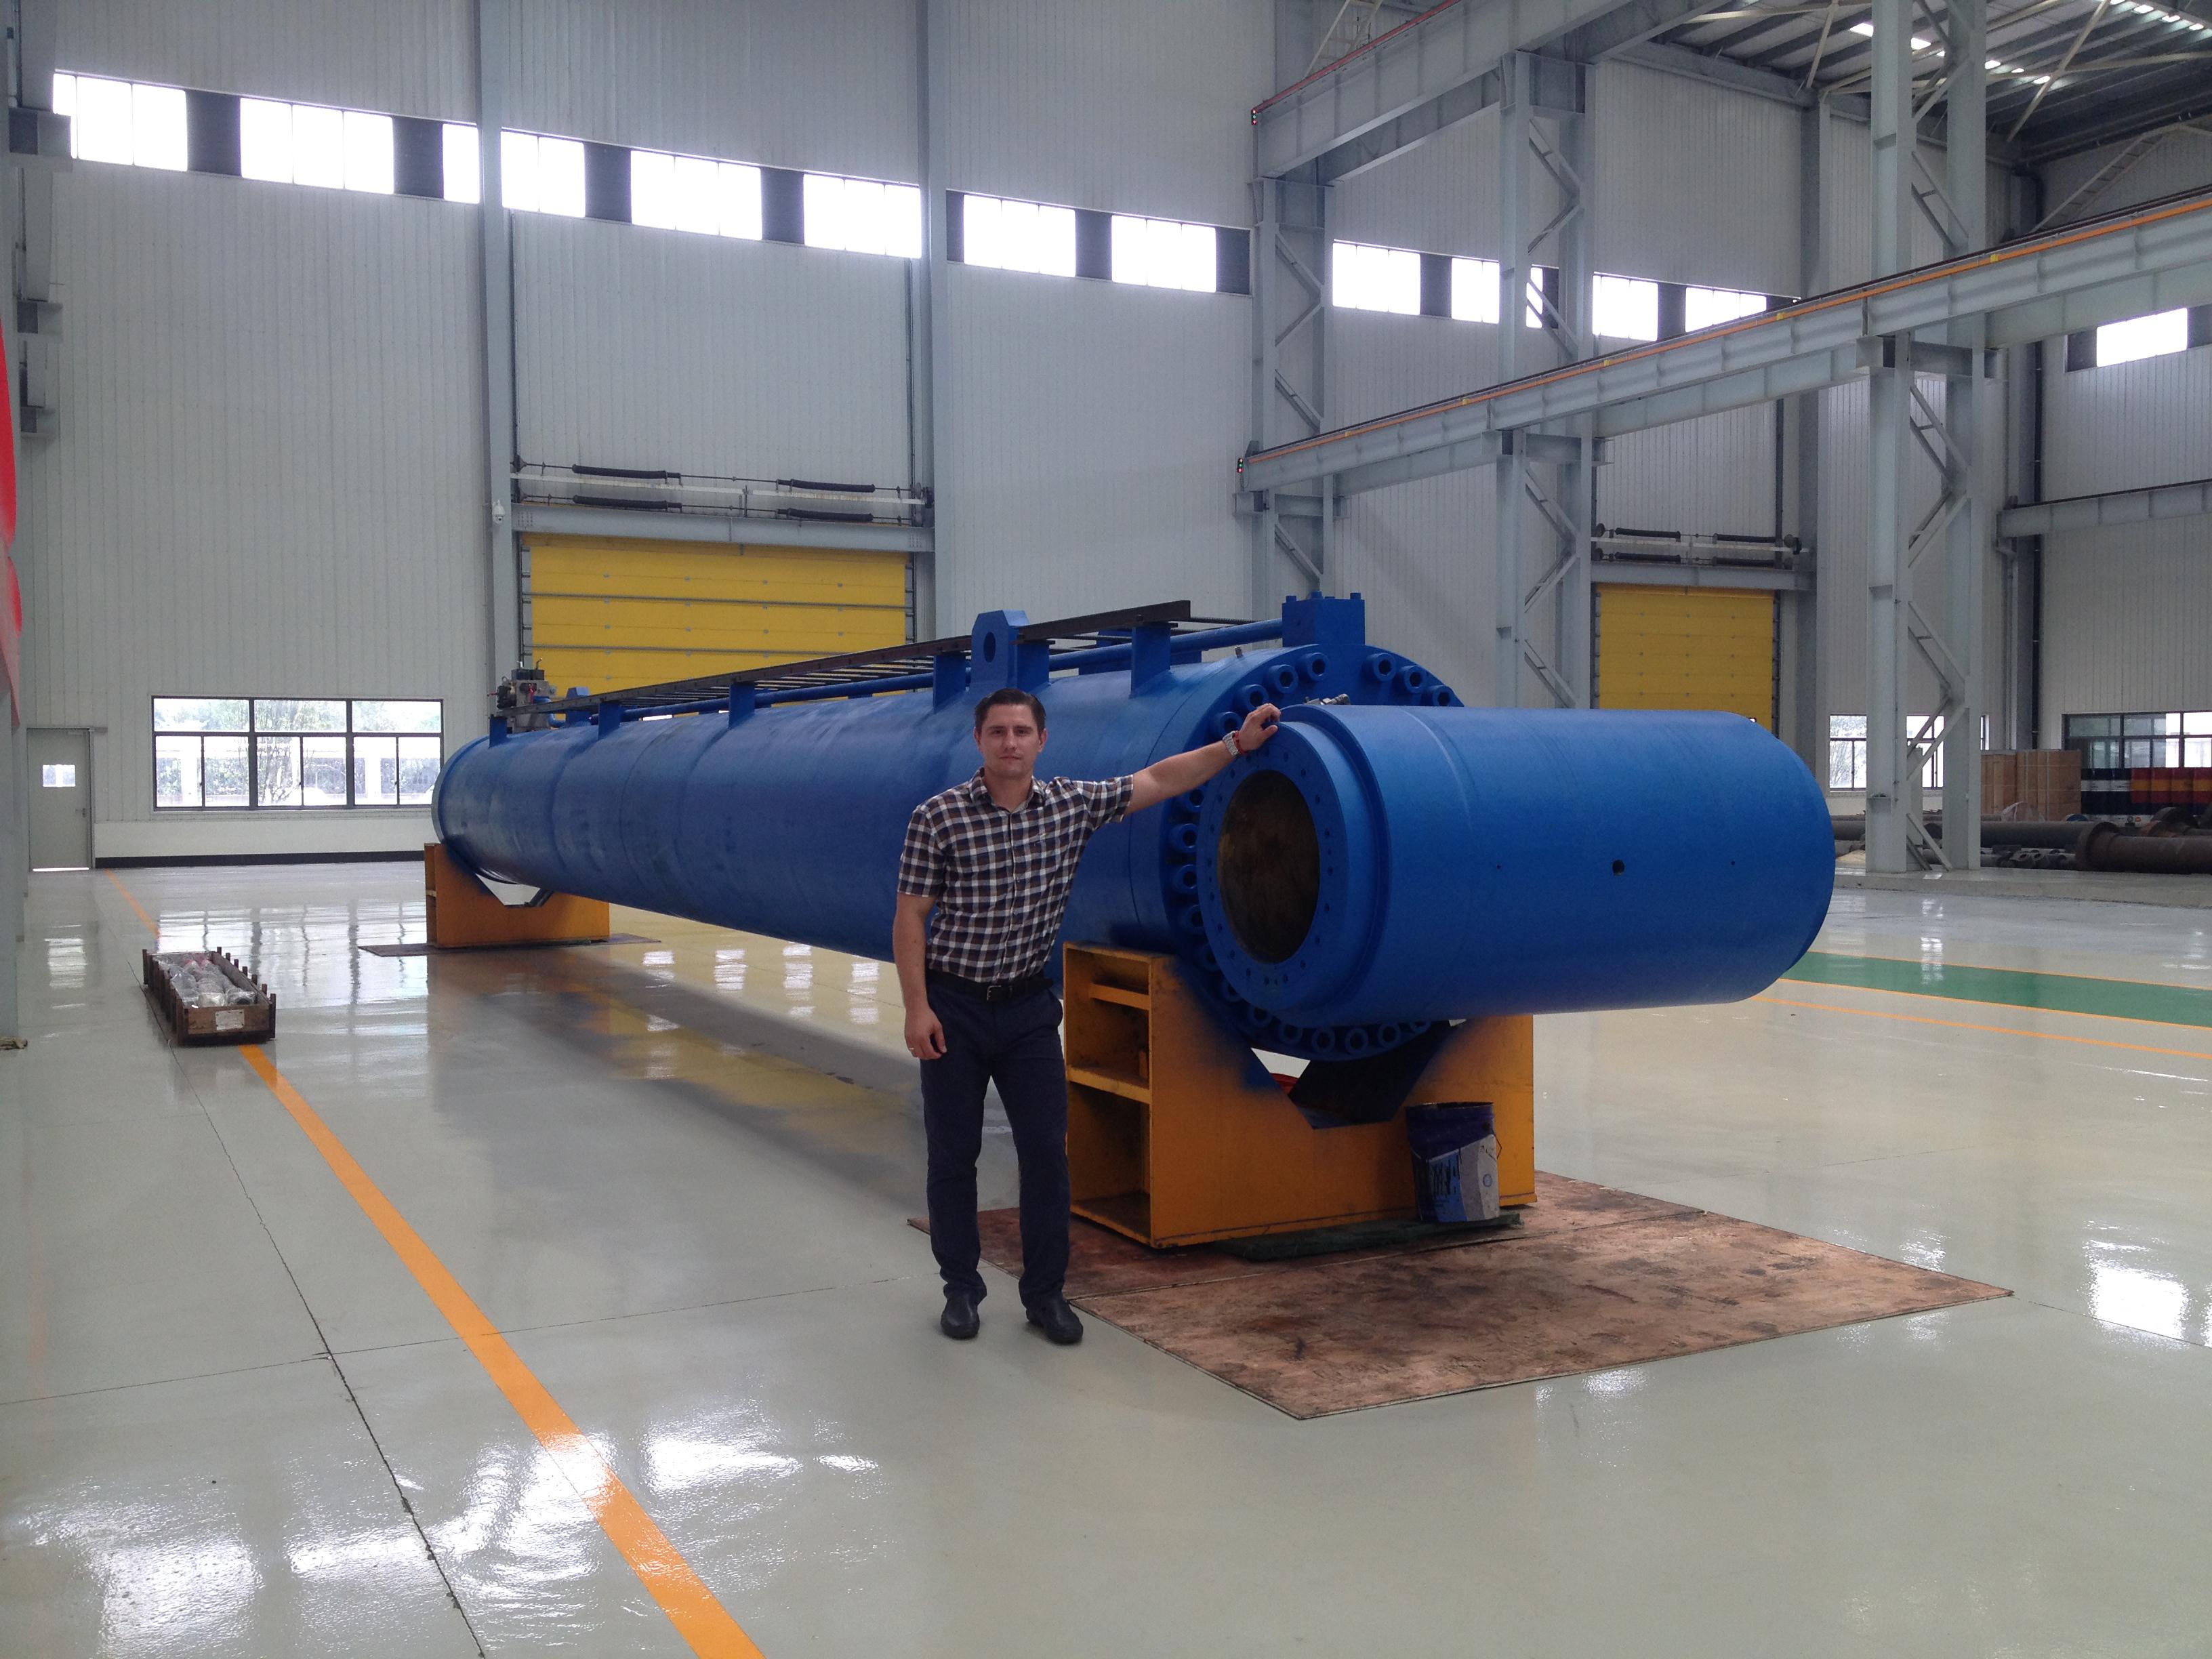 Директор представительства Gidroast в РФ, А.Н.Романов, на фоне гидроцилиндра произведенного для США